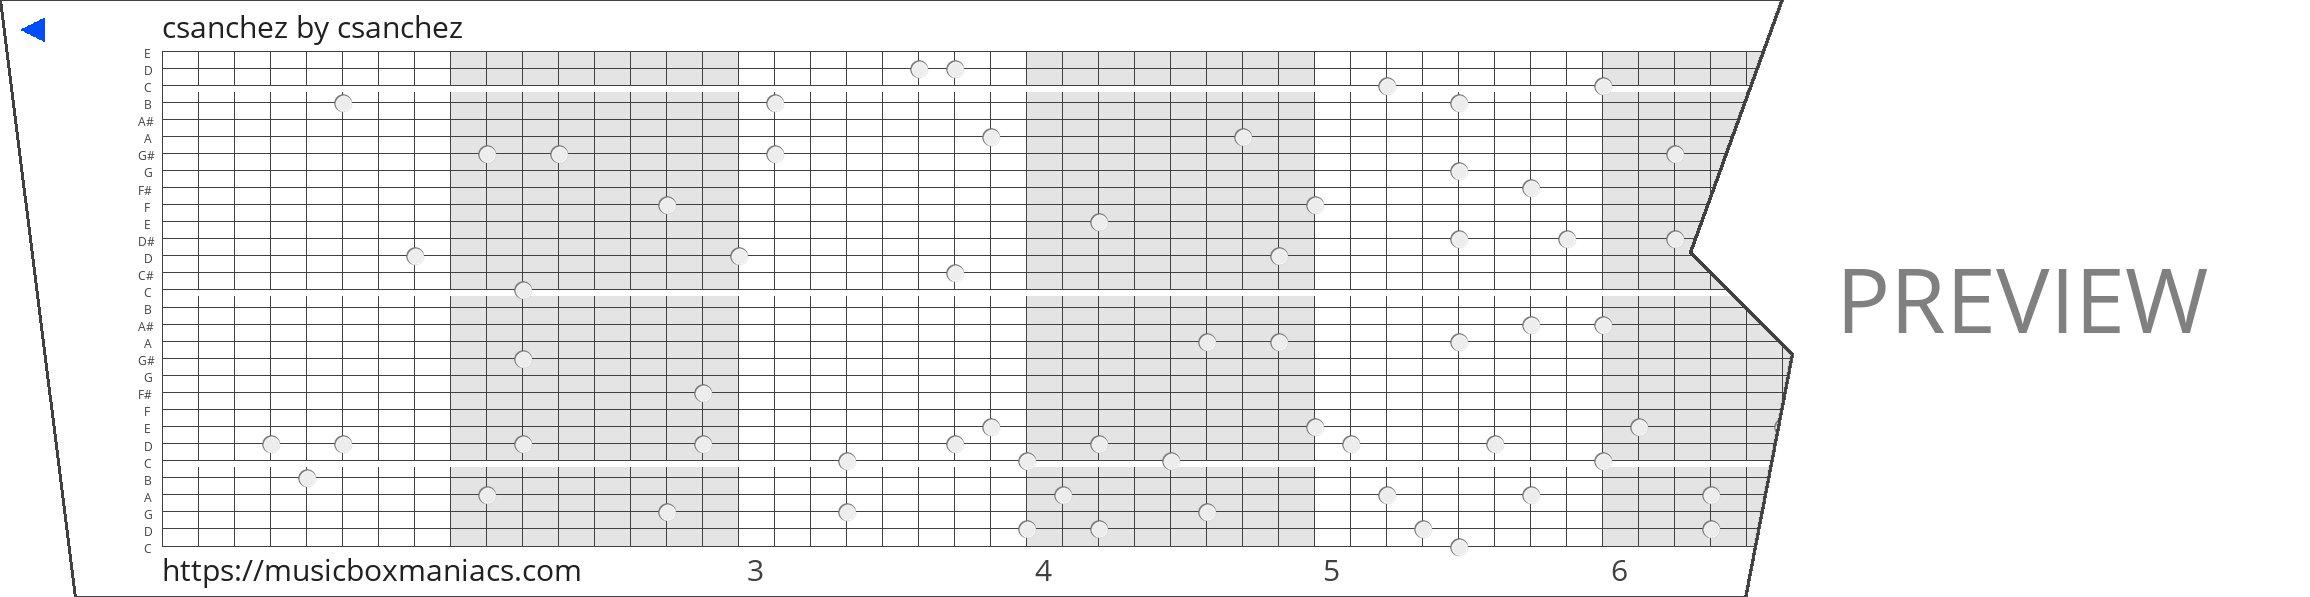 csanchez 30 note music box paper strip